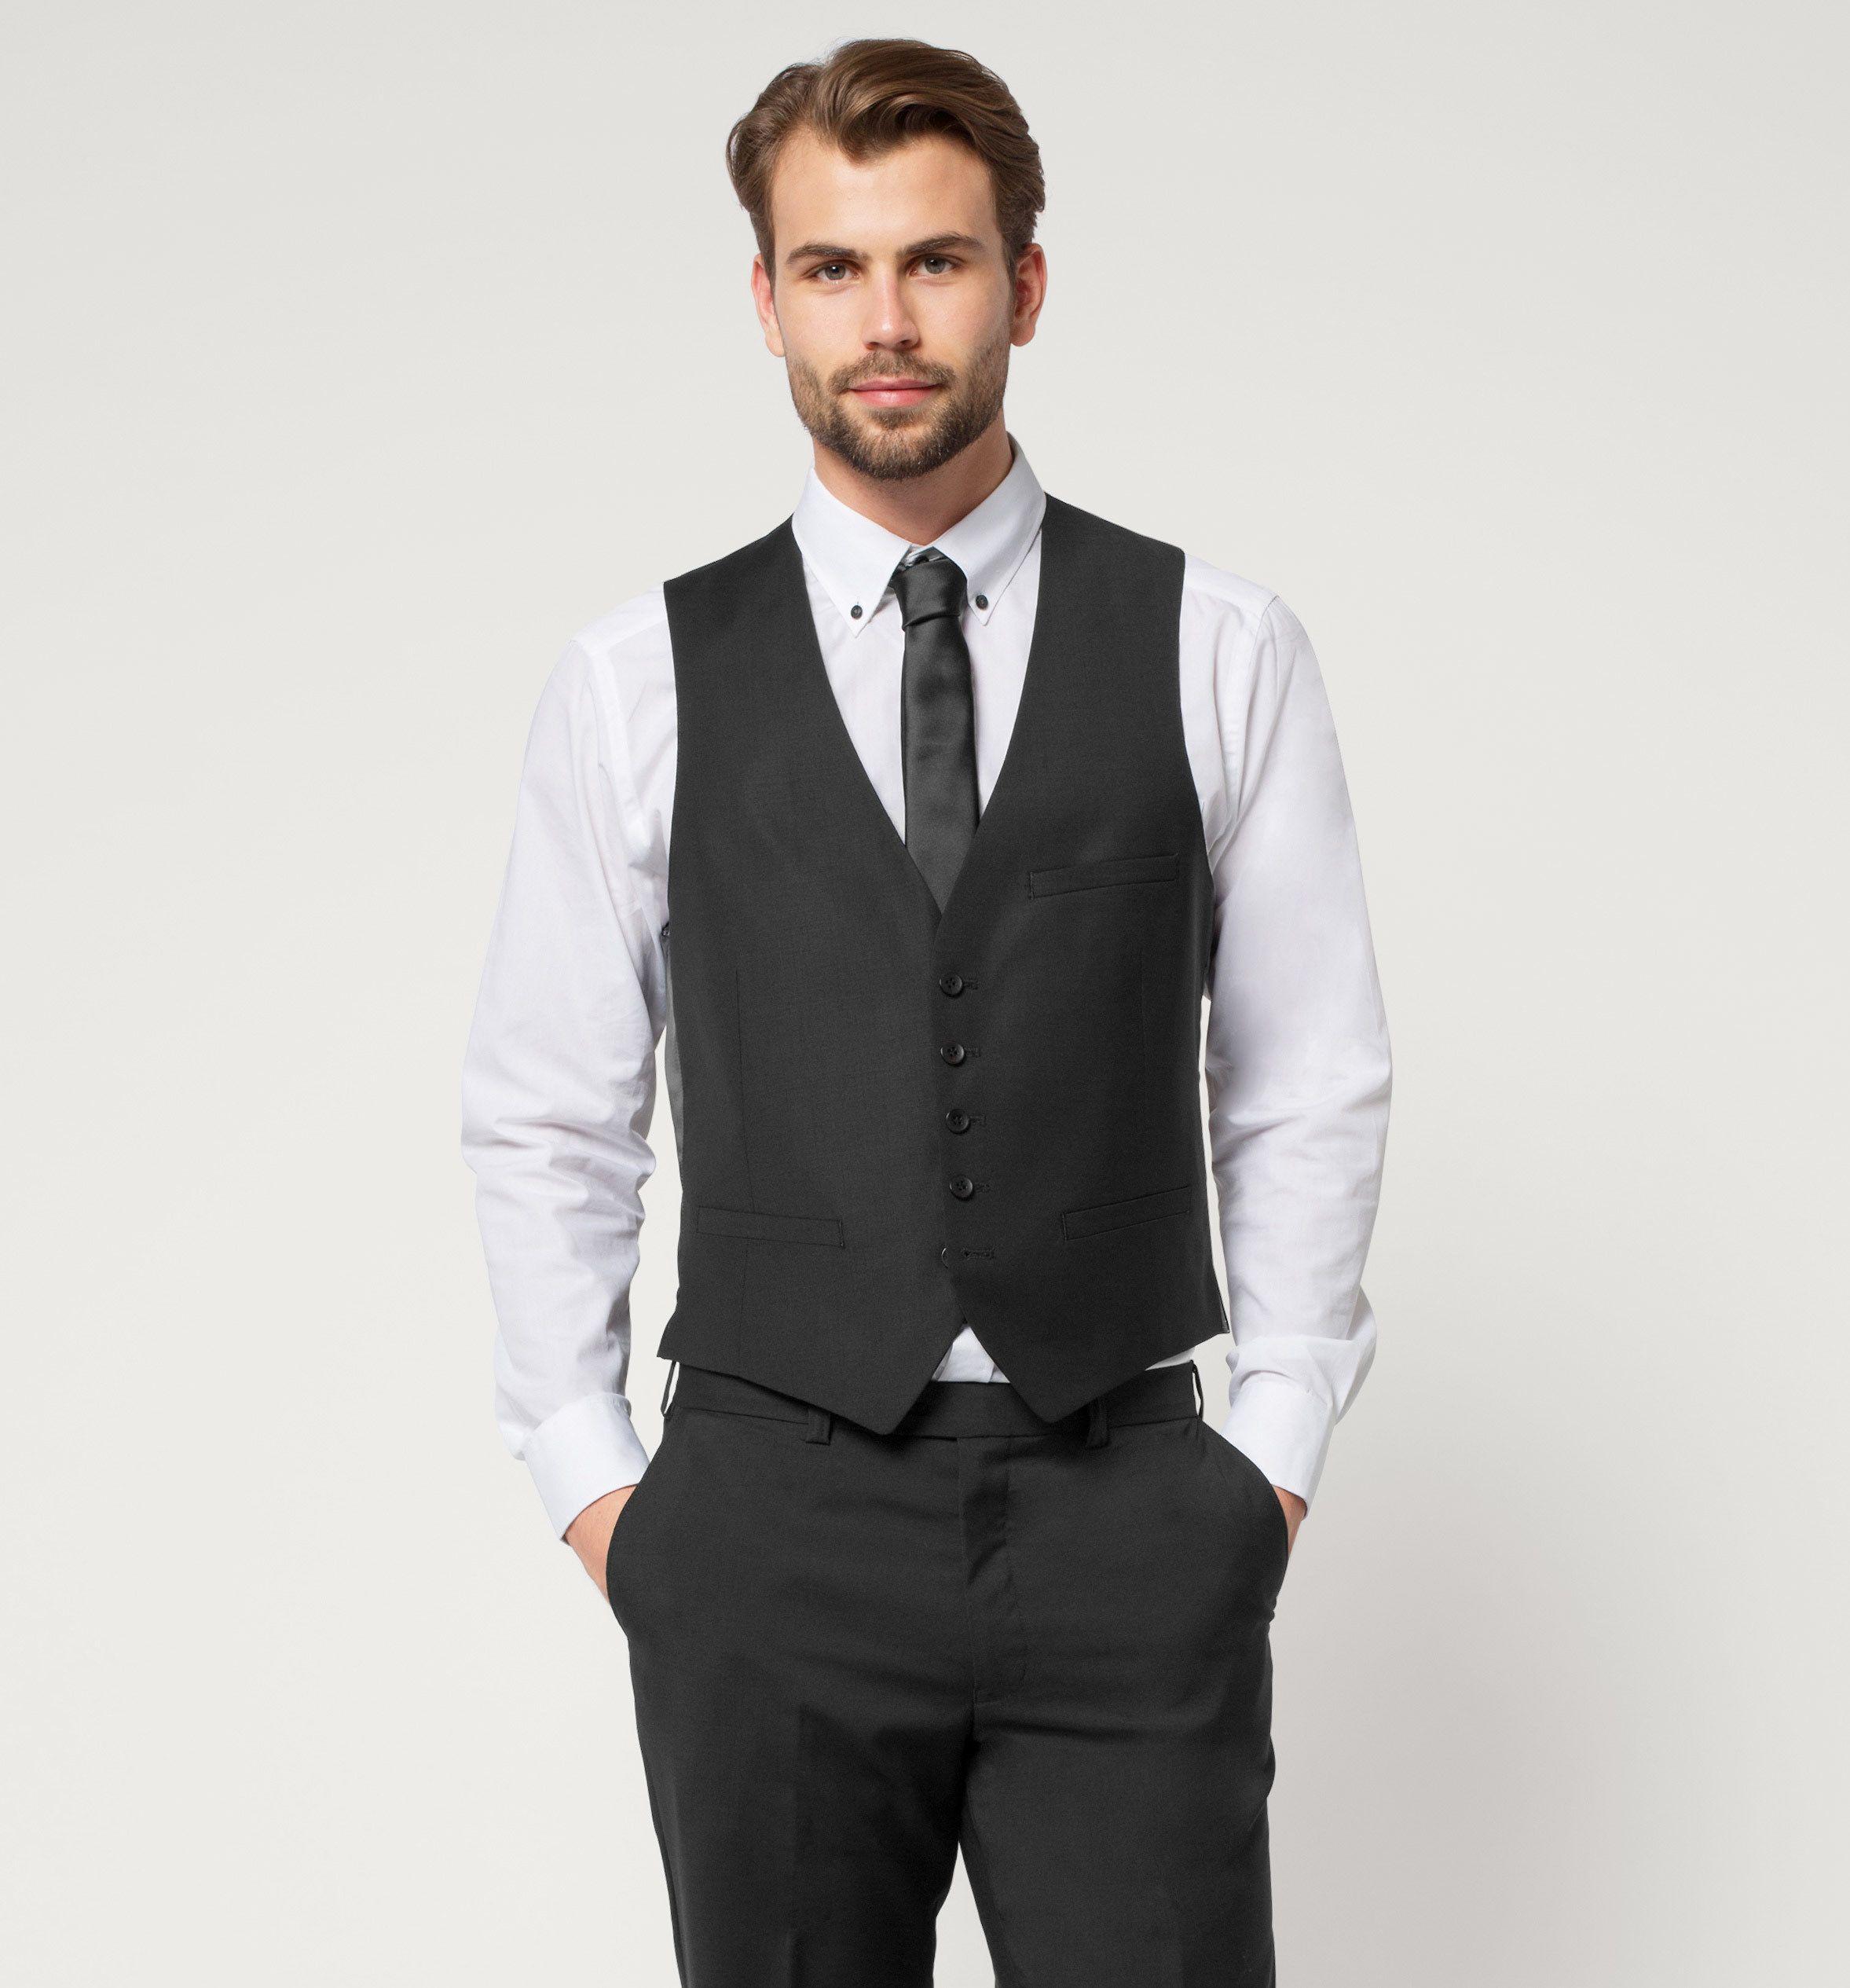 Es una tendencia cada vez más seguida por muchos hombres con estilo.  moda   chaleco  estilo  traje  trabajo  elegante 95912aa1e444